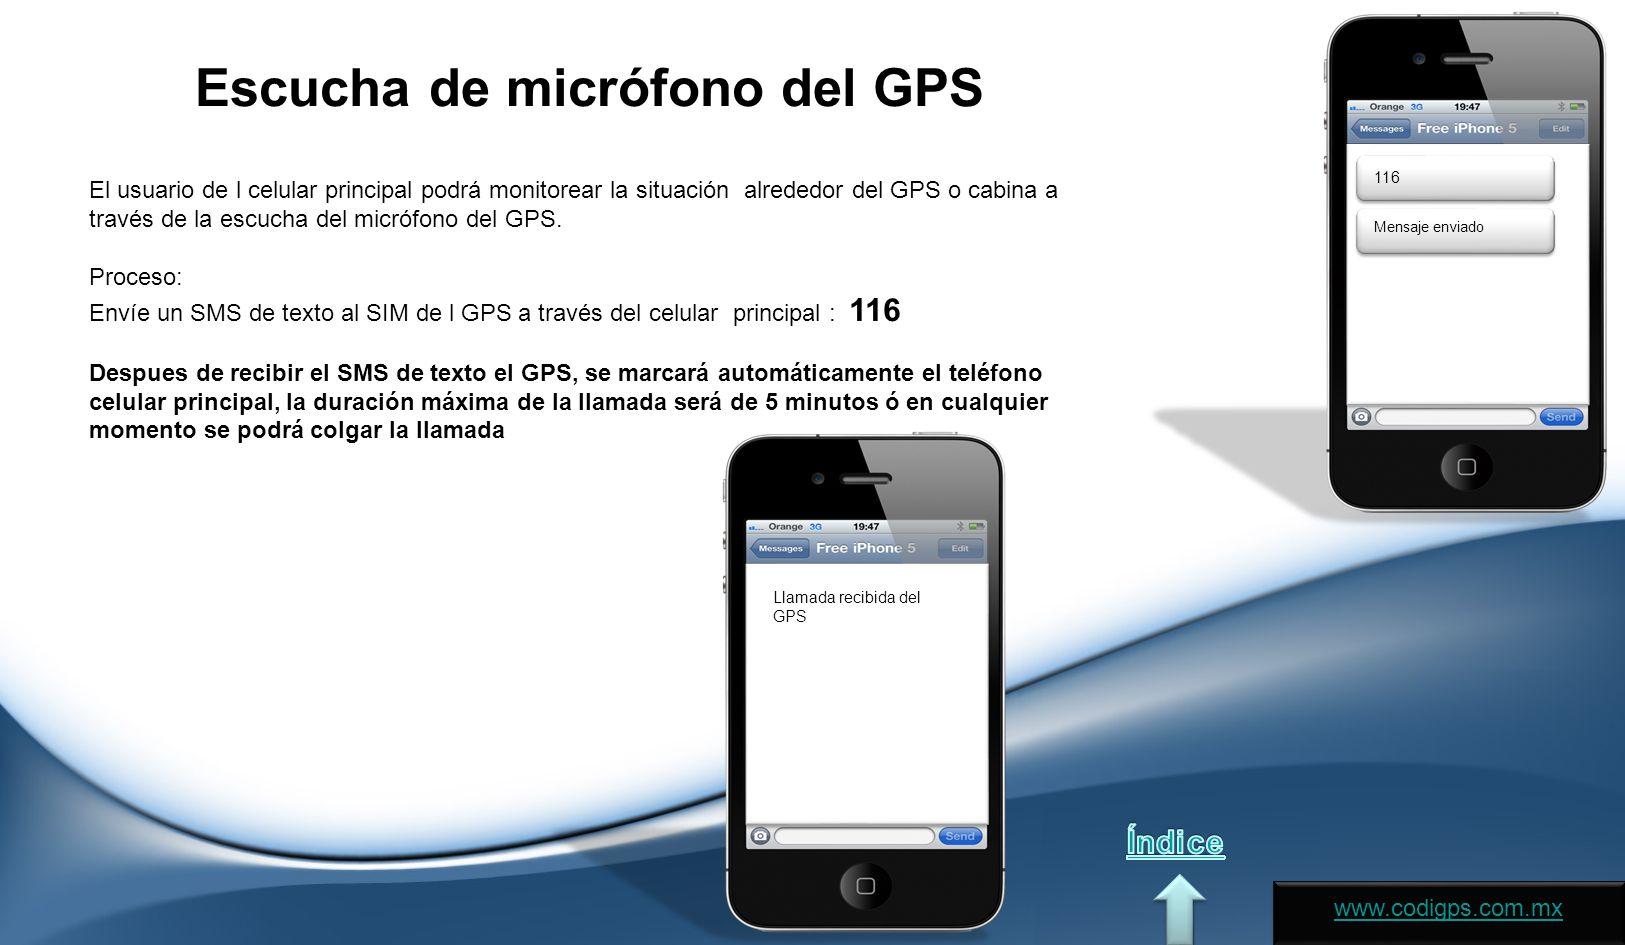 Escucha de micrófono del GPS El usuario de l celular principal podrá monitorear la situación alrededor del GPS o cabina a través de la escucha del micrófono del GPS.